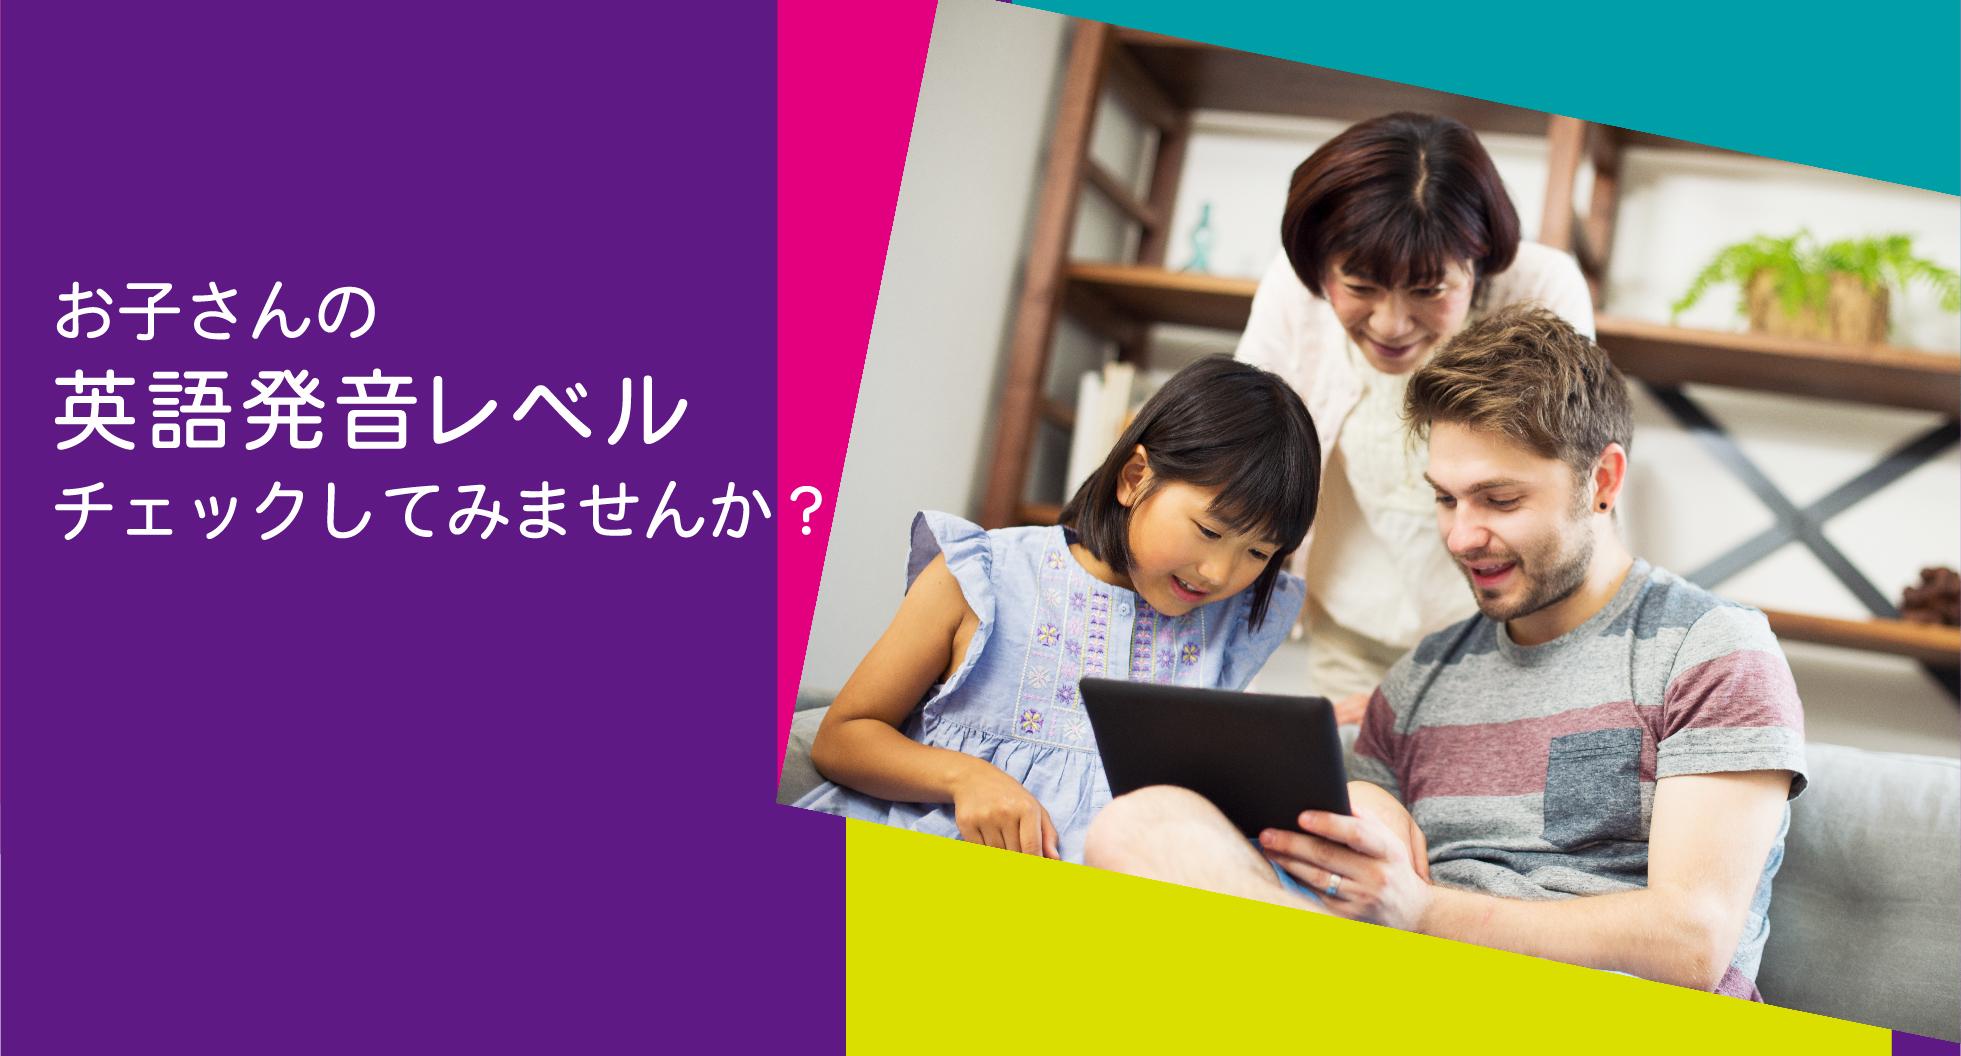 お子さんの英語発音レベル チェックしてみませんか?